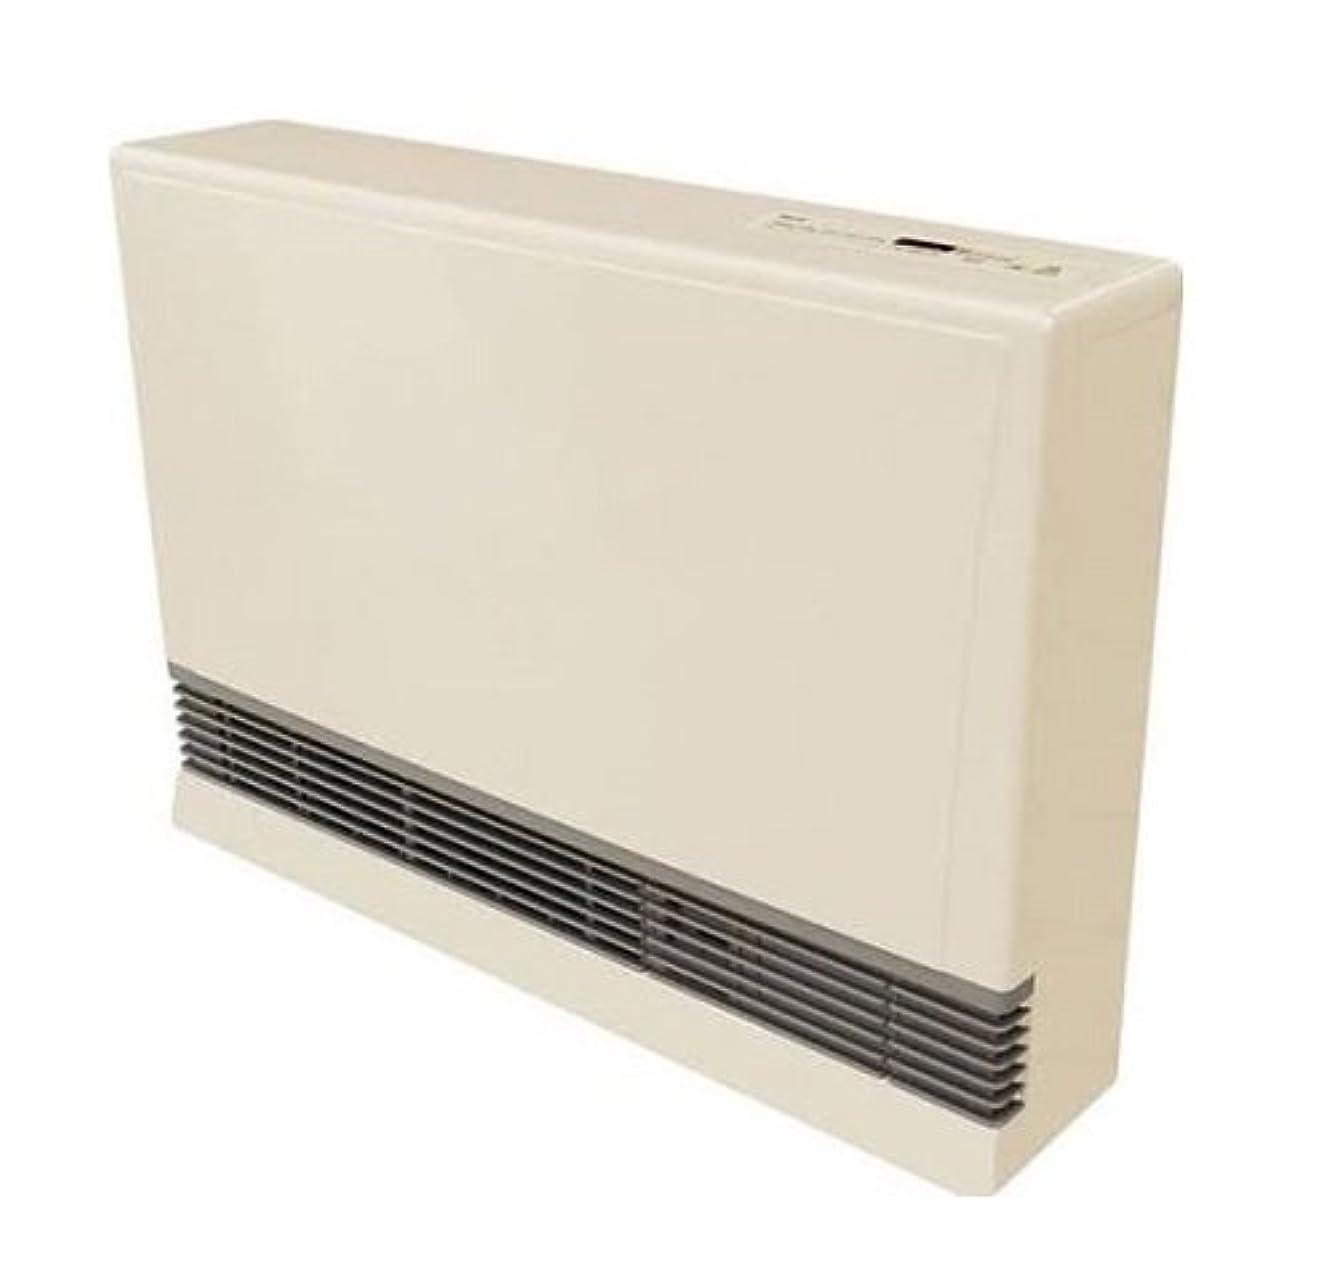 アレルギー性大使恐怖Rinnai EX38CTLP Direct Vent Space Heater - Liquid Propane BEIGE, 141[並行輸入]